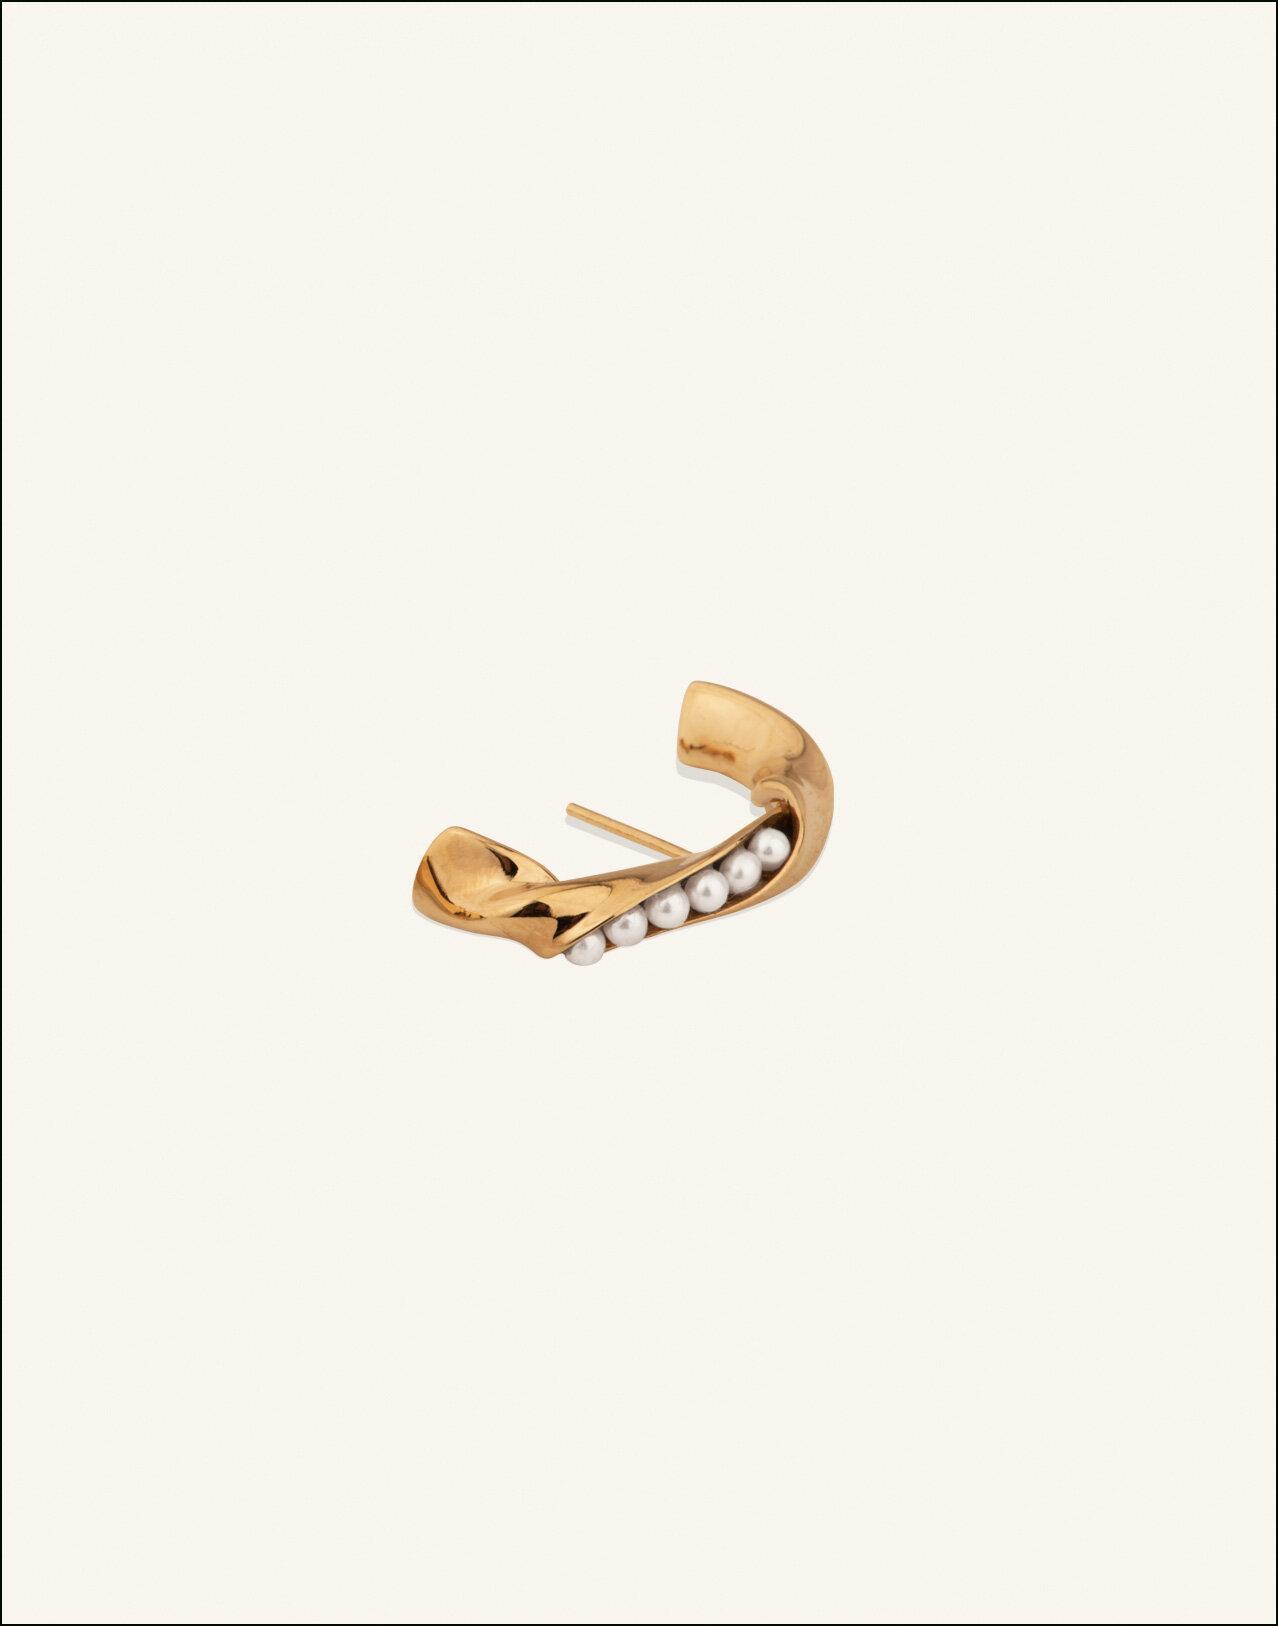 Completedworks-Gold-Vermeil-Ear-Climber-Good-Neighbours-2.jpg